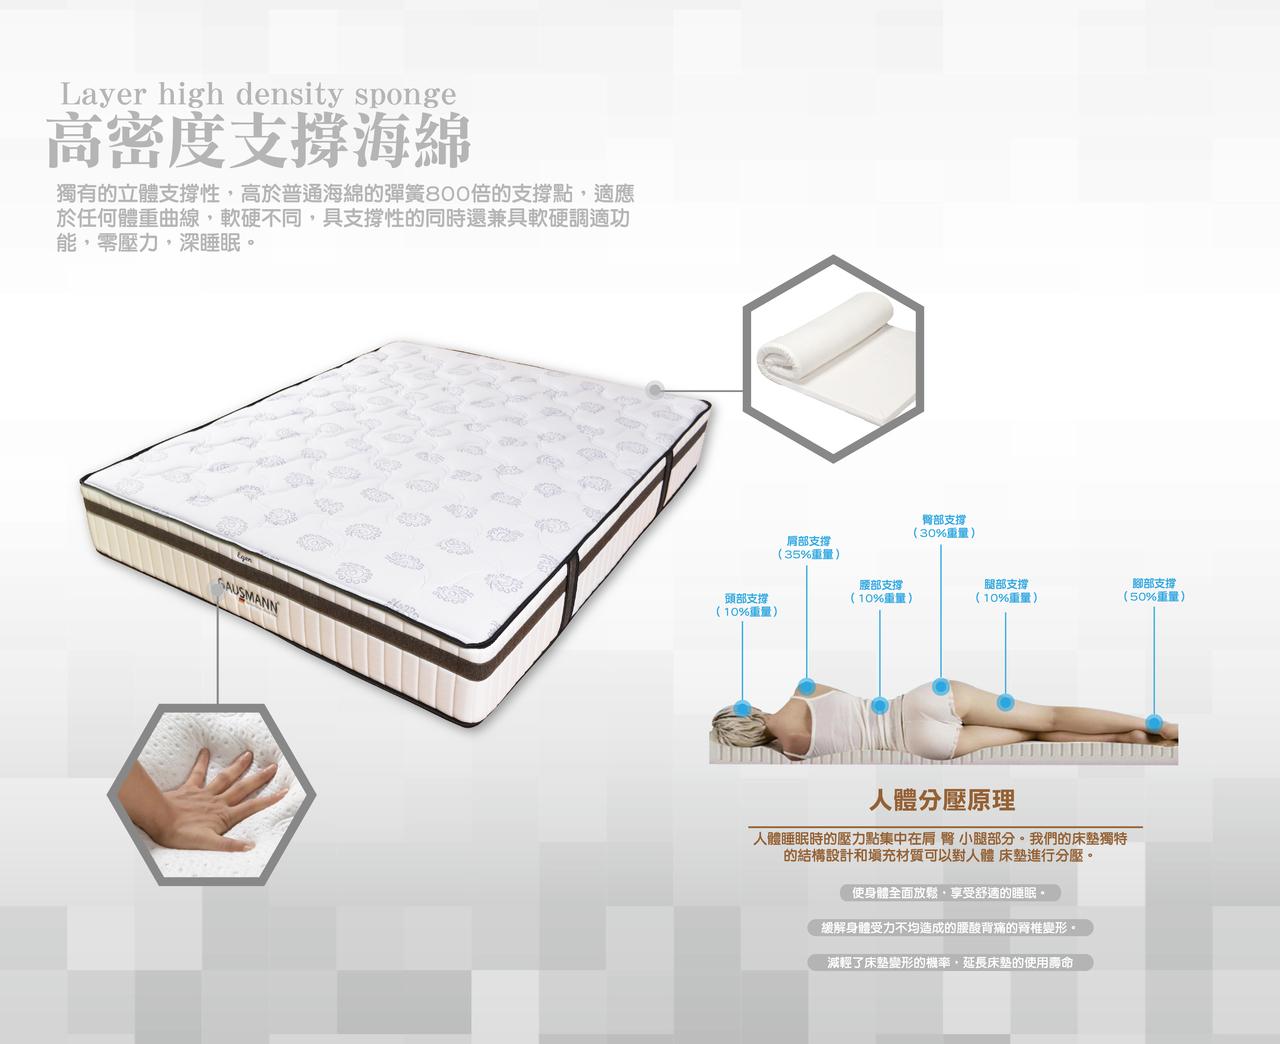 高密度支撐海綿,高於普通海綿800倍的支撐點,適應任何體重曲線,軟硬不同,具調適功能,零壓力,深睡眠